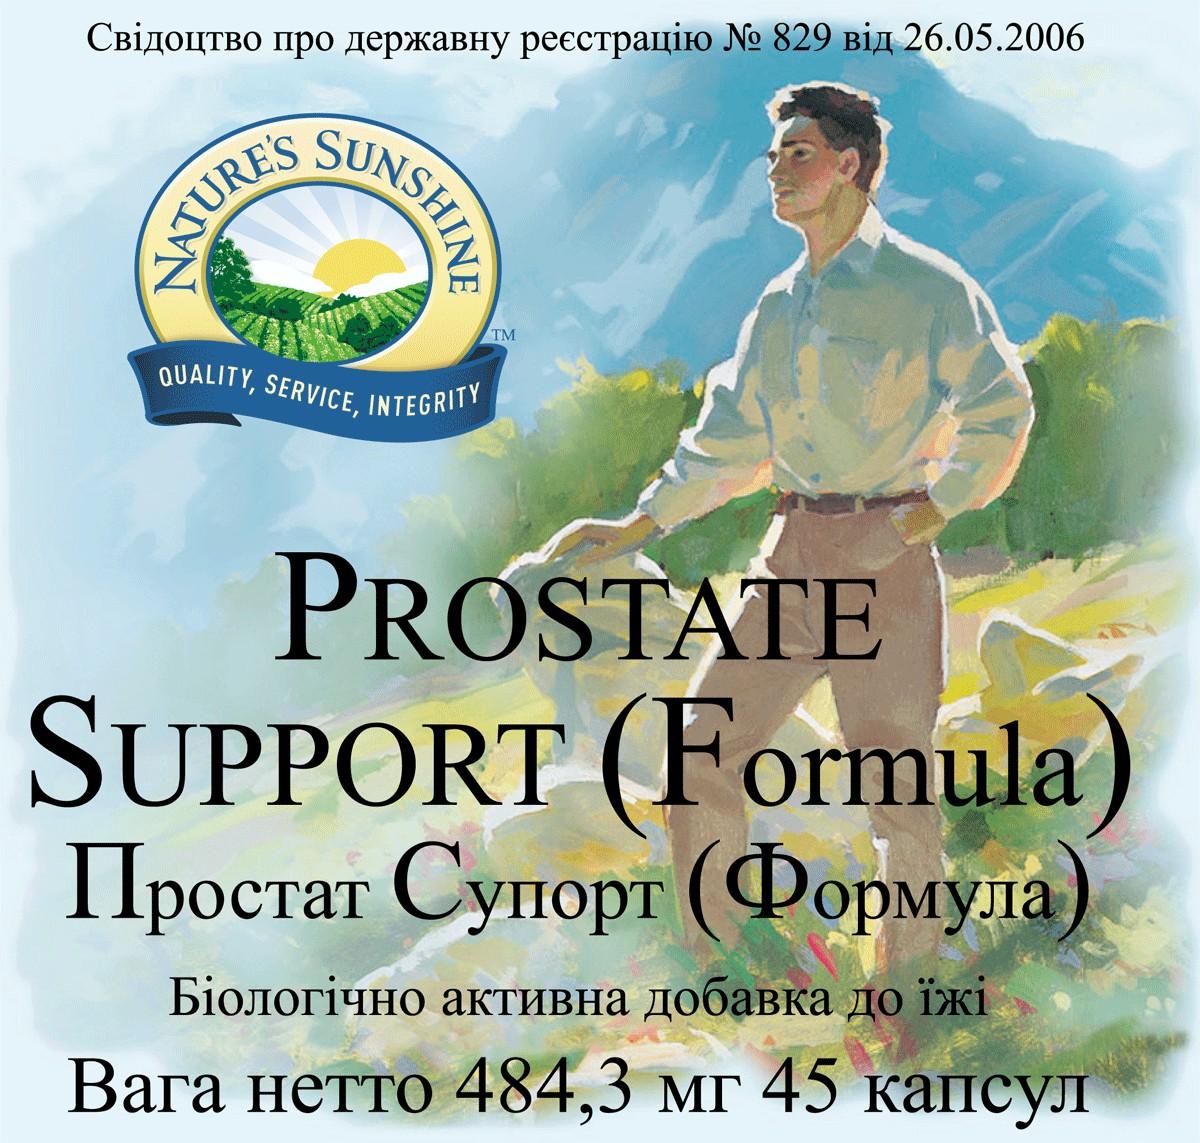 Prostate Support Formula [60021] (-20%)